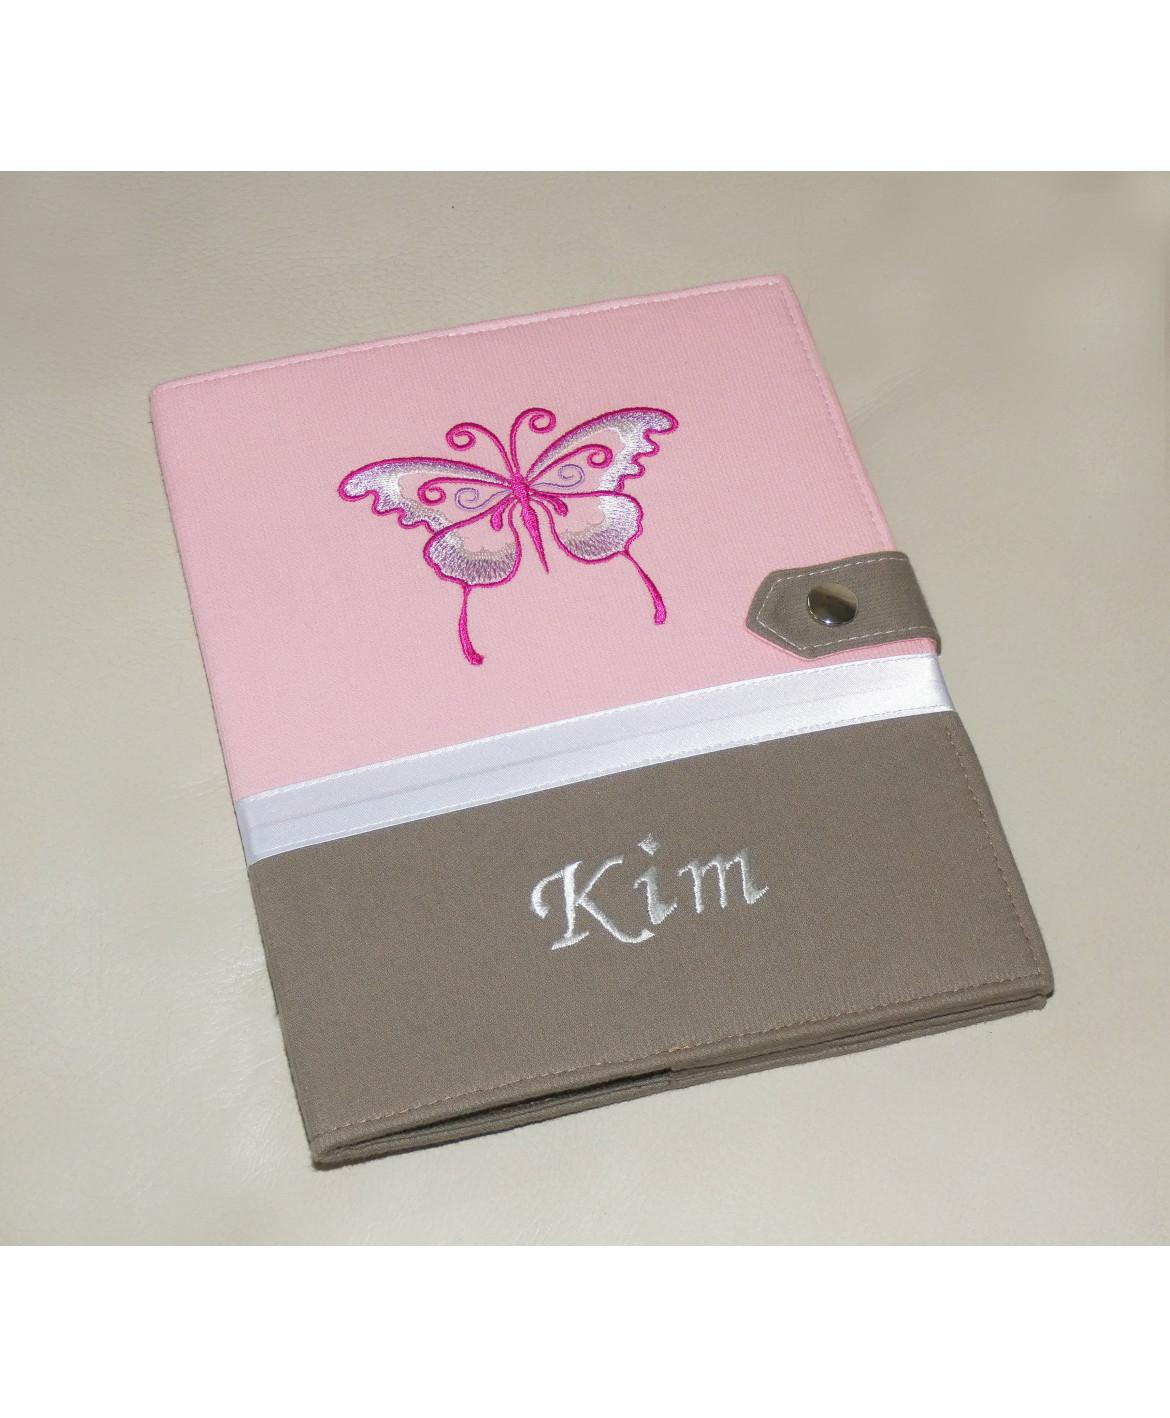 Protège carnet de santé rigide personnalisé rose et taupe - thème papillon - Cadeau de naissance fille personnalisé